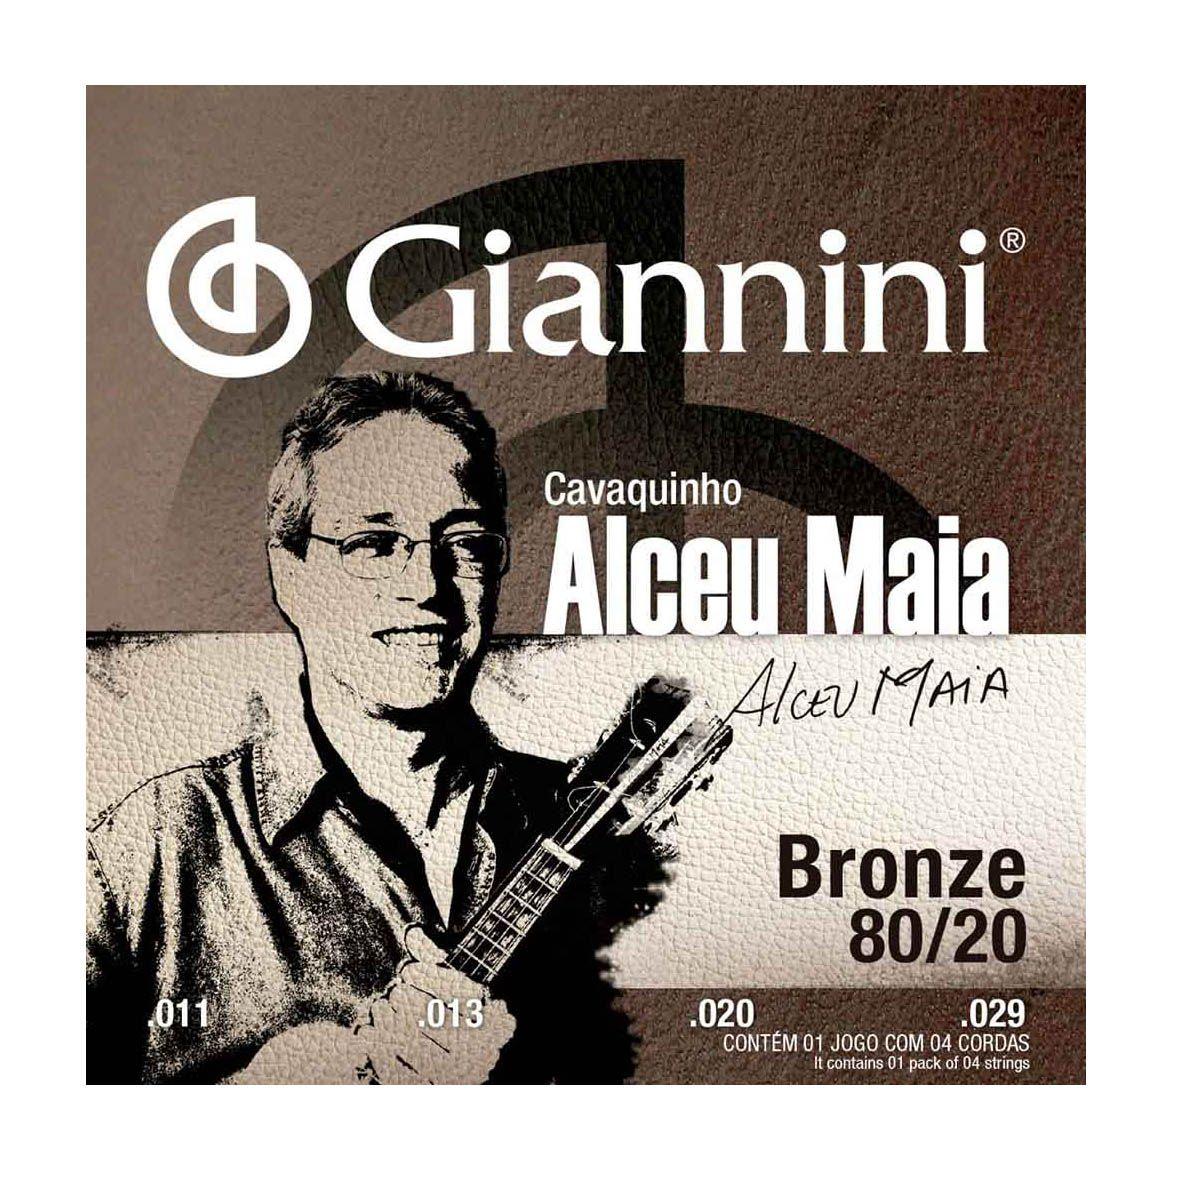 Encordoamento Giannini Sscvam .011/.029 Alceu Maia P/ Cavaco